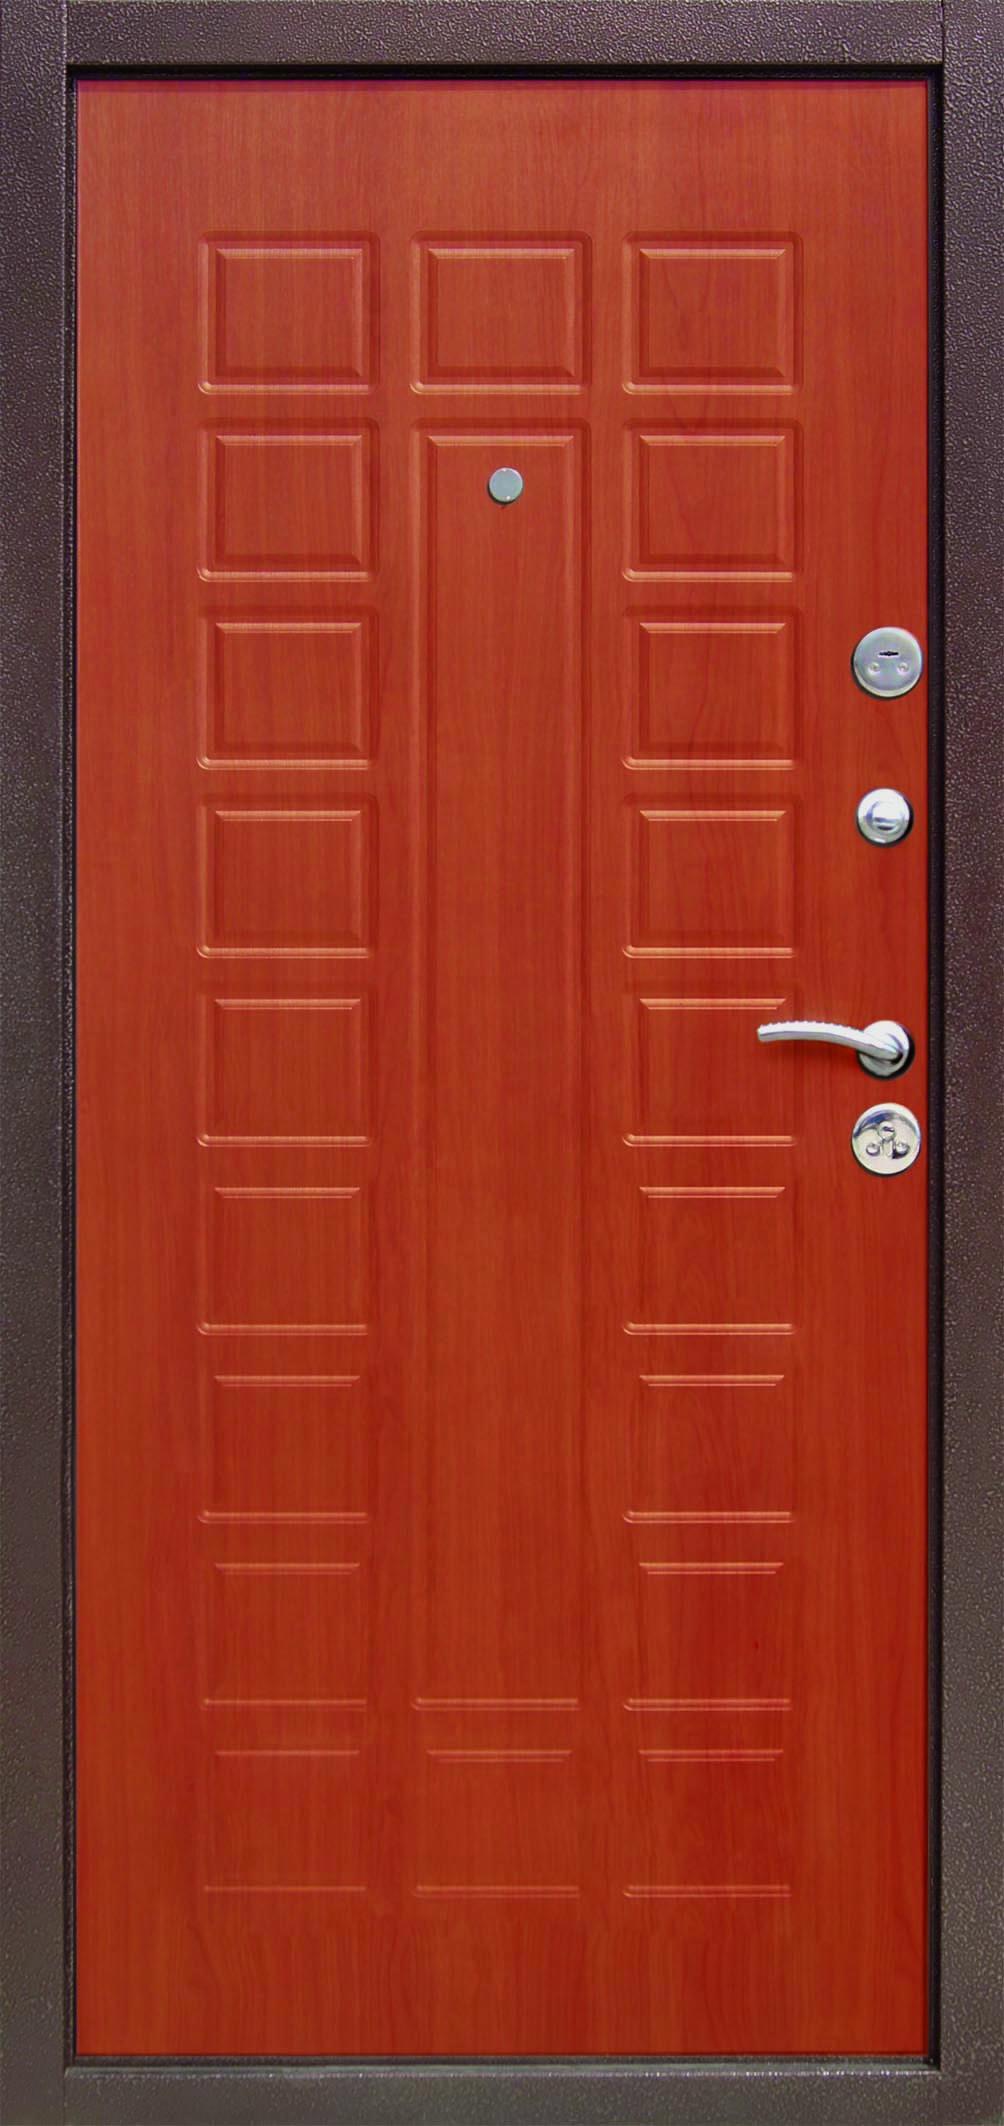 Картинки по запросу металлическая дверь